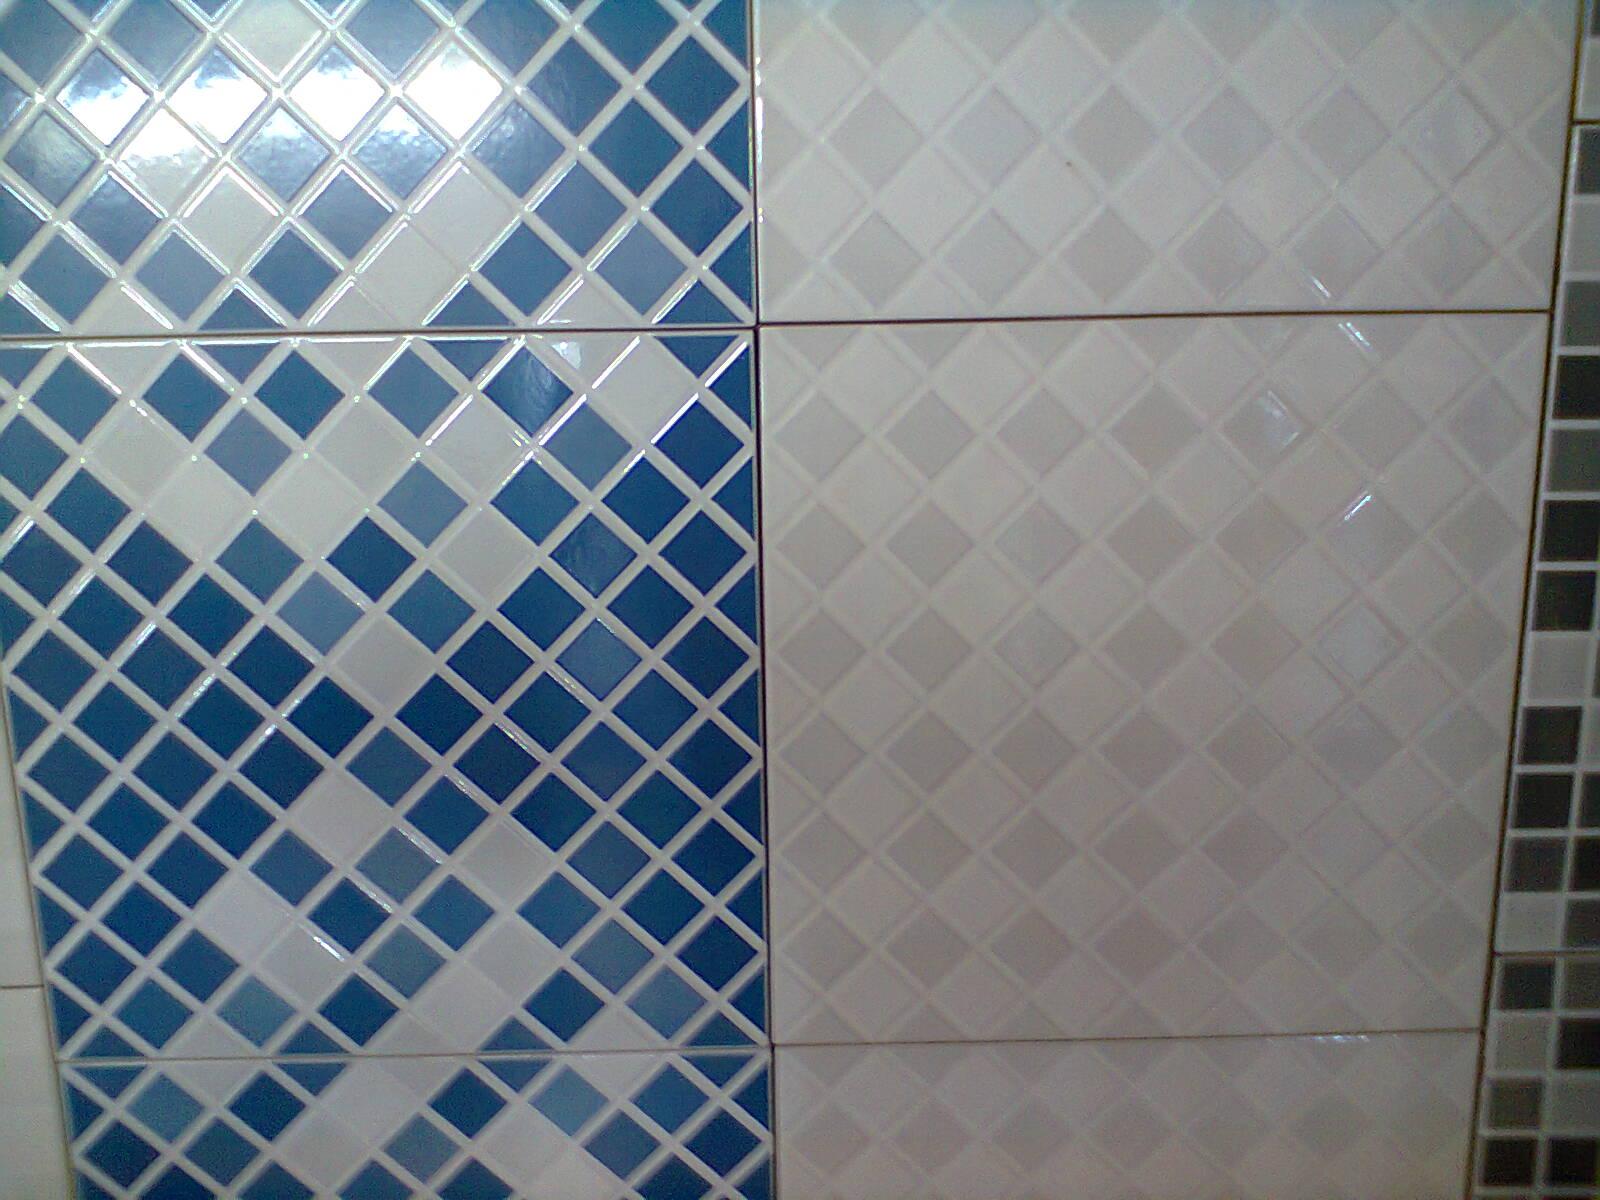 Essa pastilhada azul e branco vai revestir as paredes do banheiro #1C4165 1600x1200 Banheiro Azul E Branco